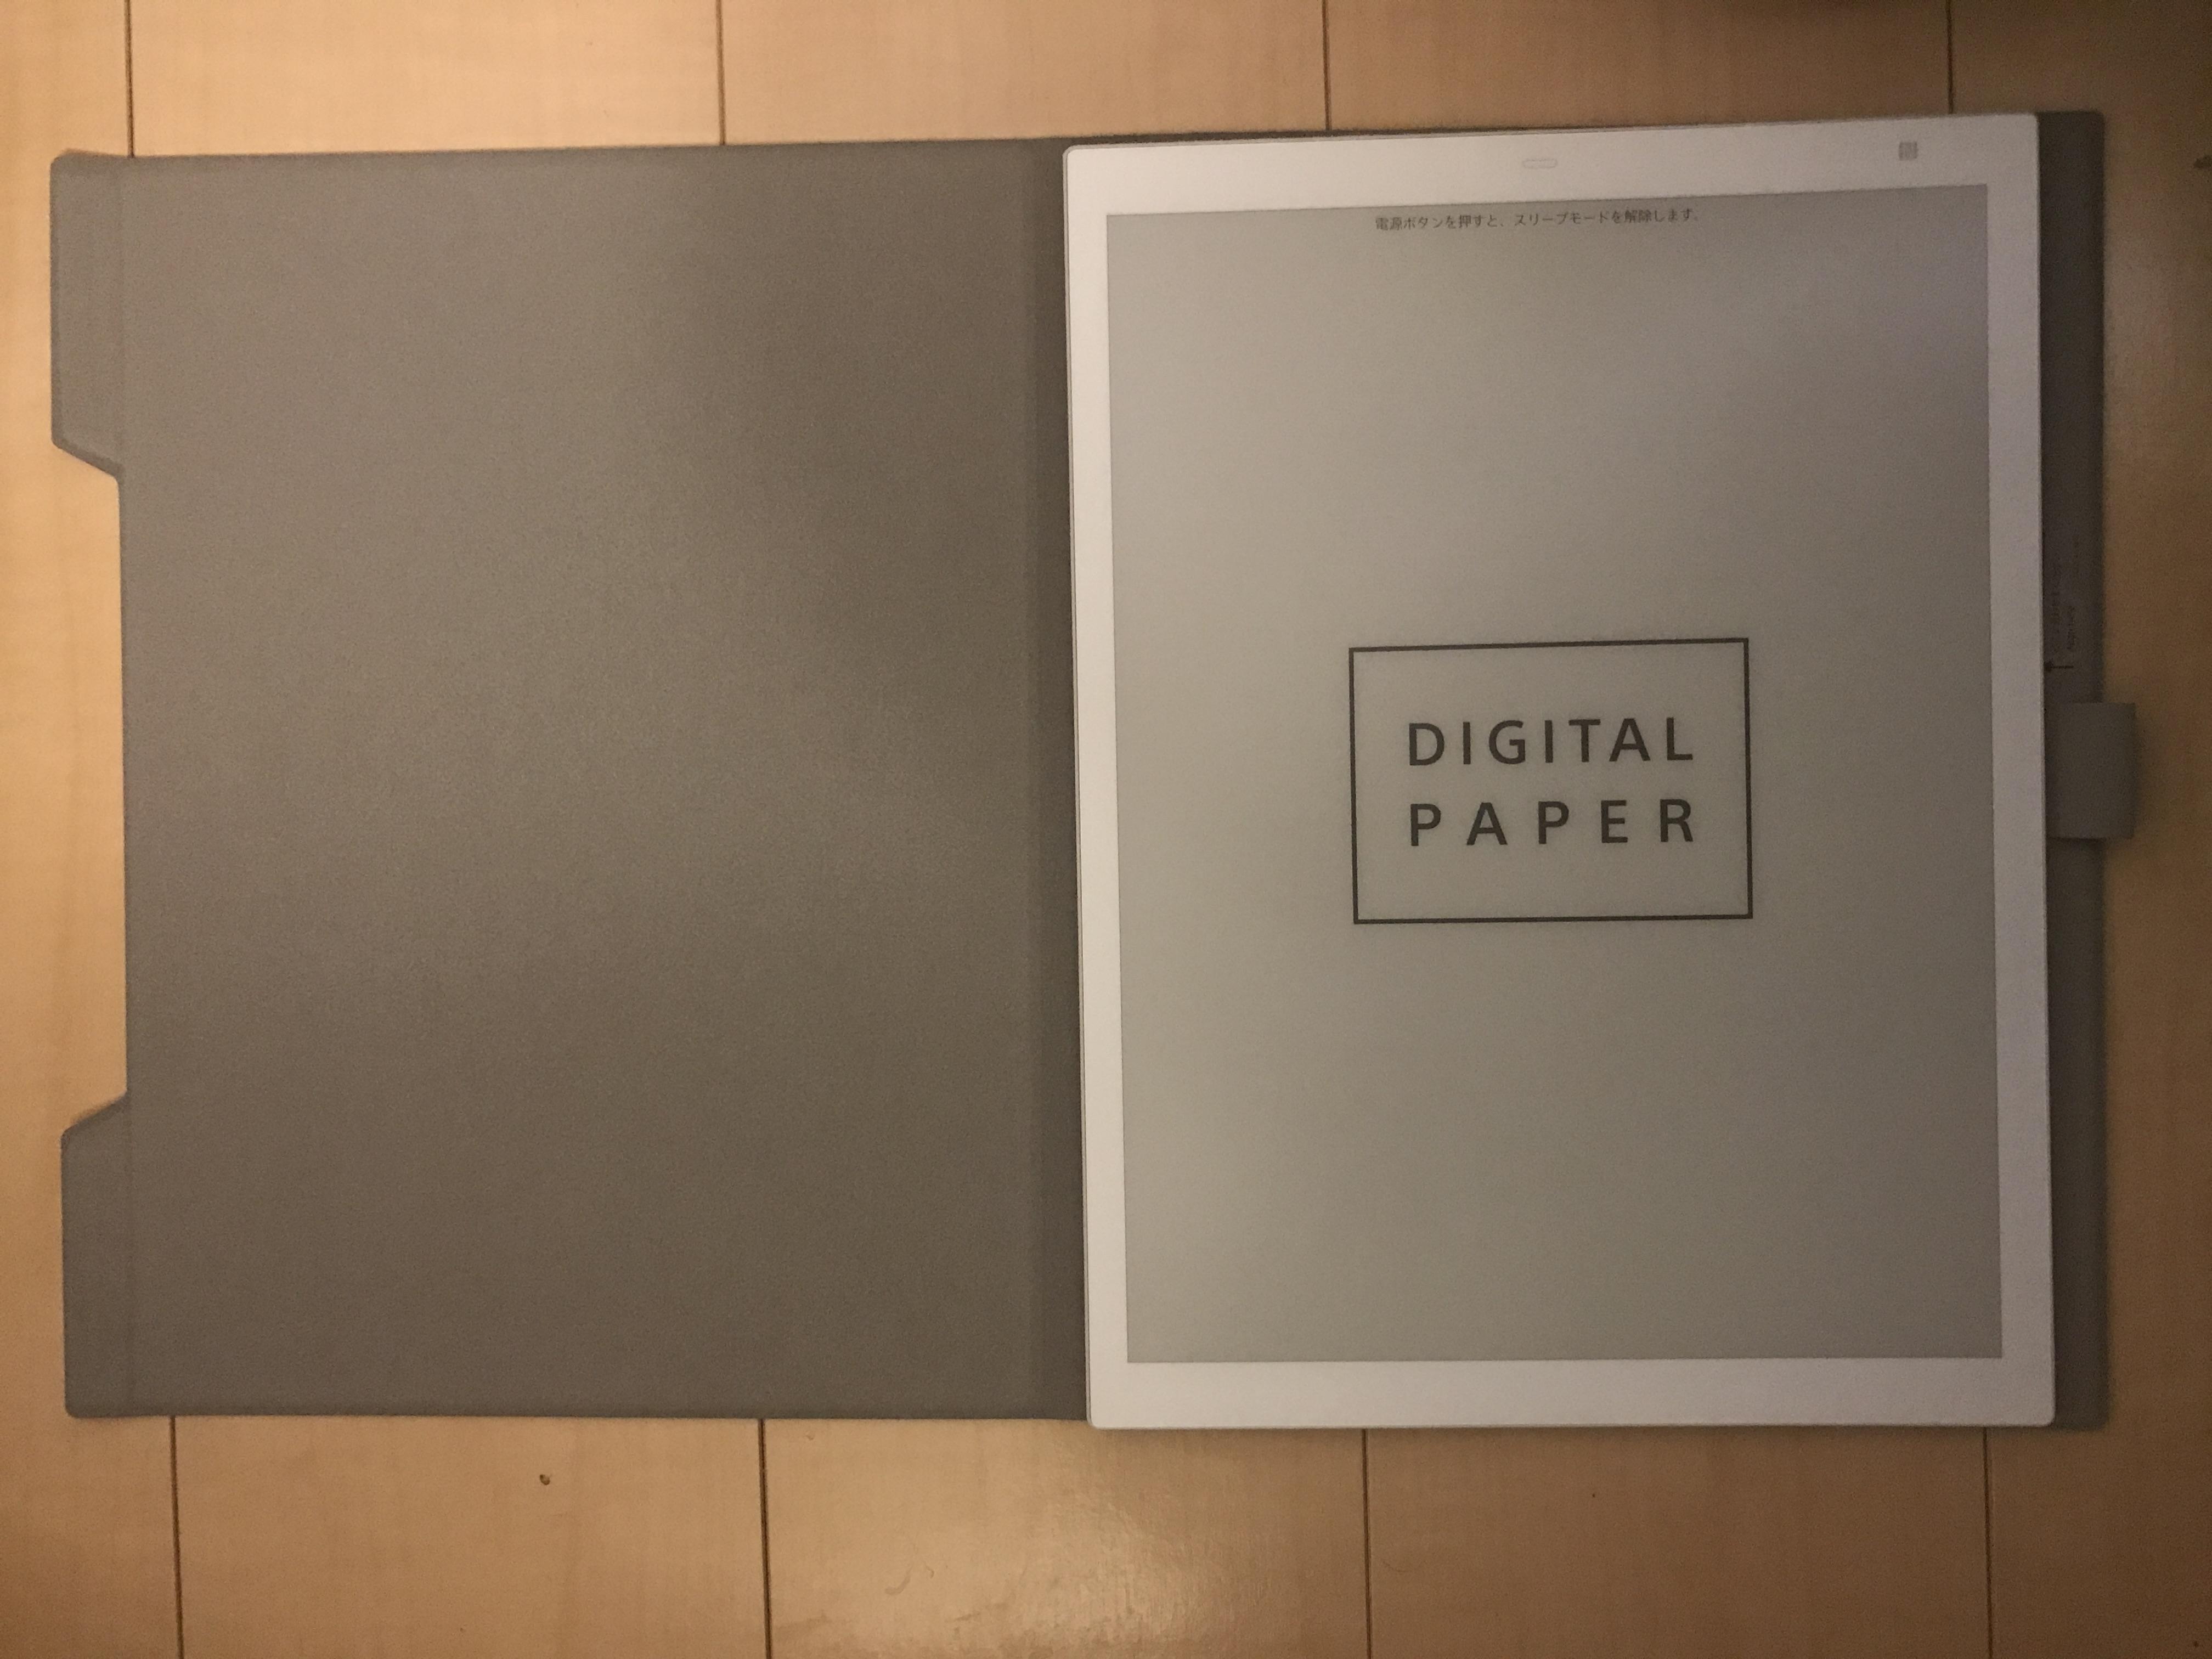 Sonyの新型デジタルペーパーDPT-RP1の純正カバーをご紹介!